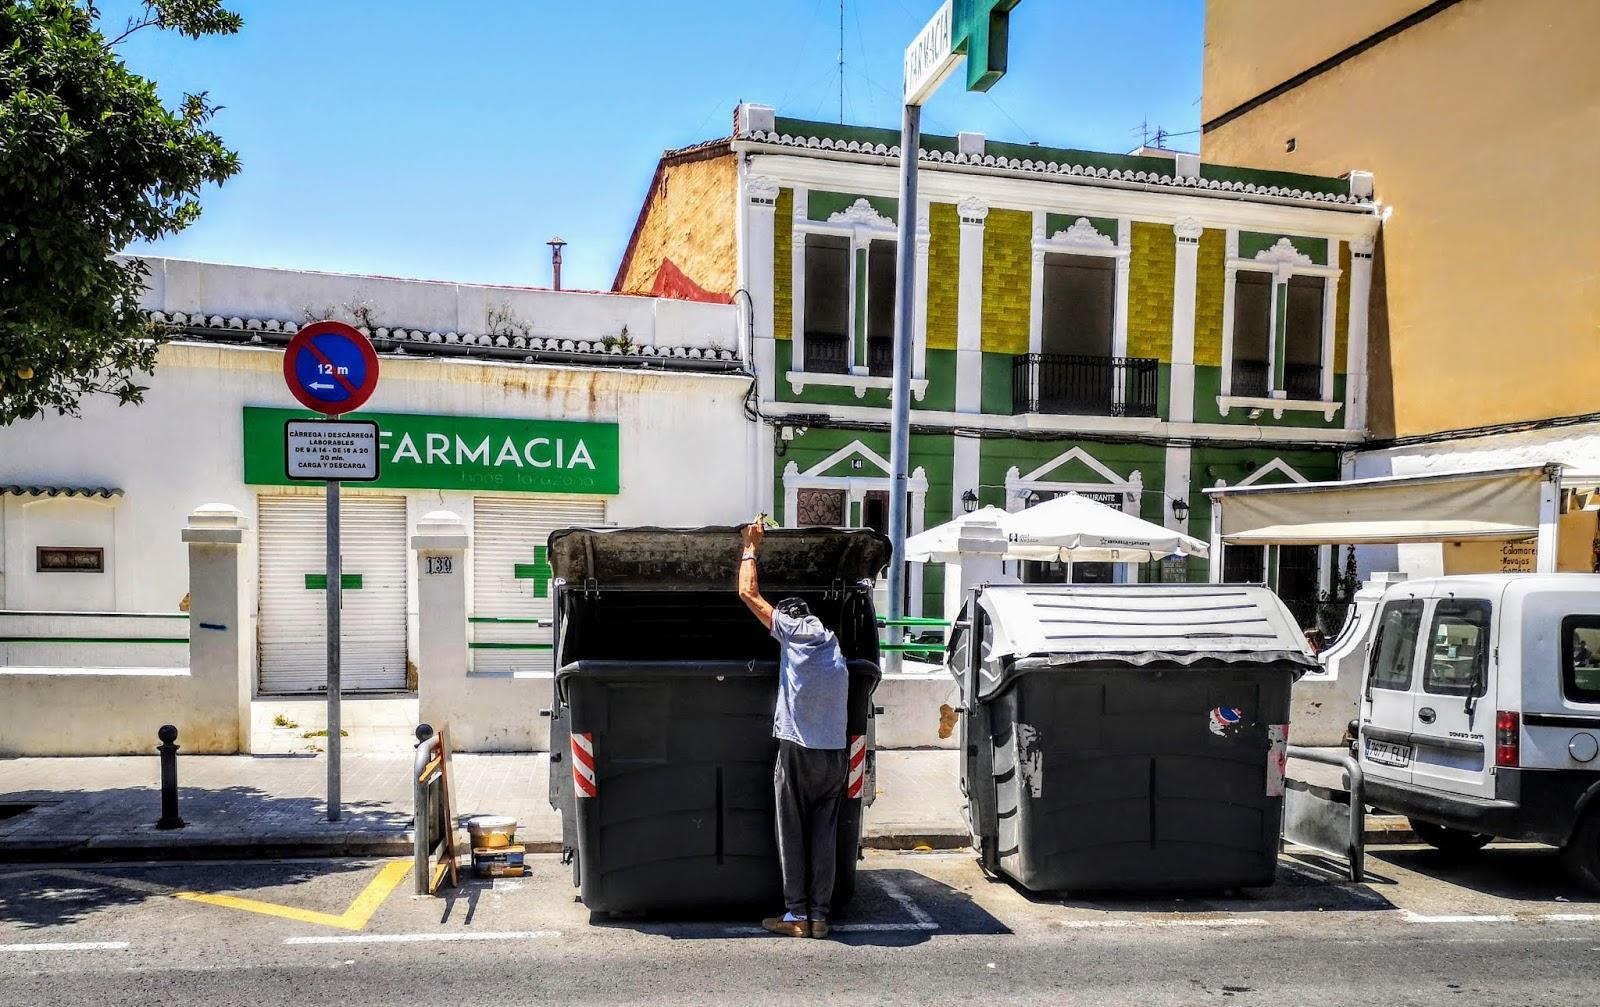 4cb86875c Indigente rebuscando en los contenedores de basura en la Avenida Burjassot  del barrio obrero de Benicalap - Valencia - El paisaje que no quieren ver  los ...